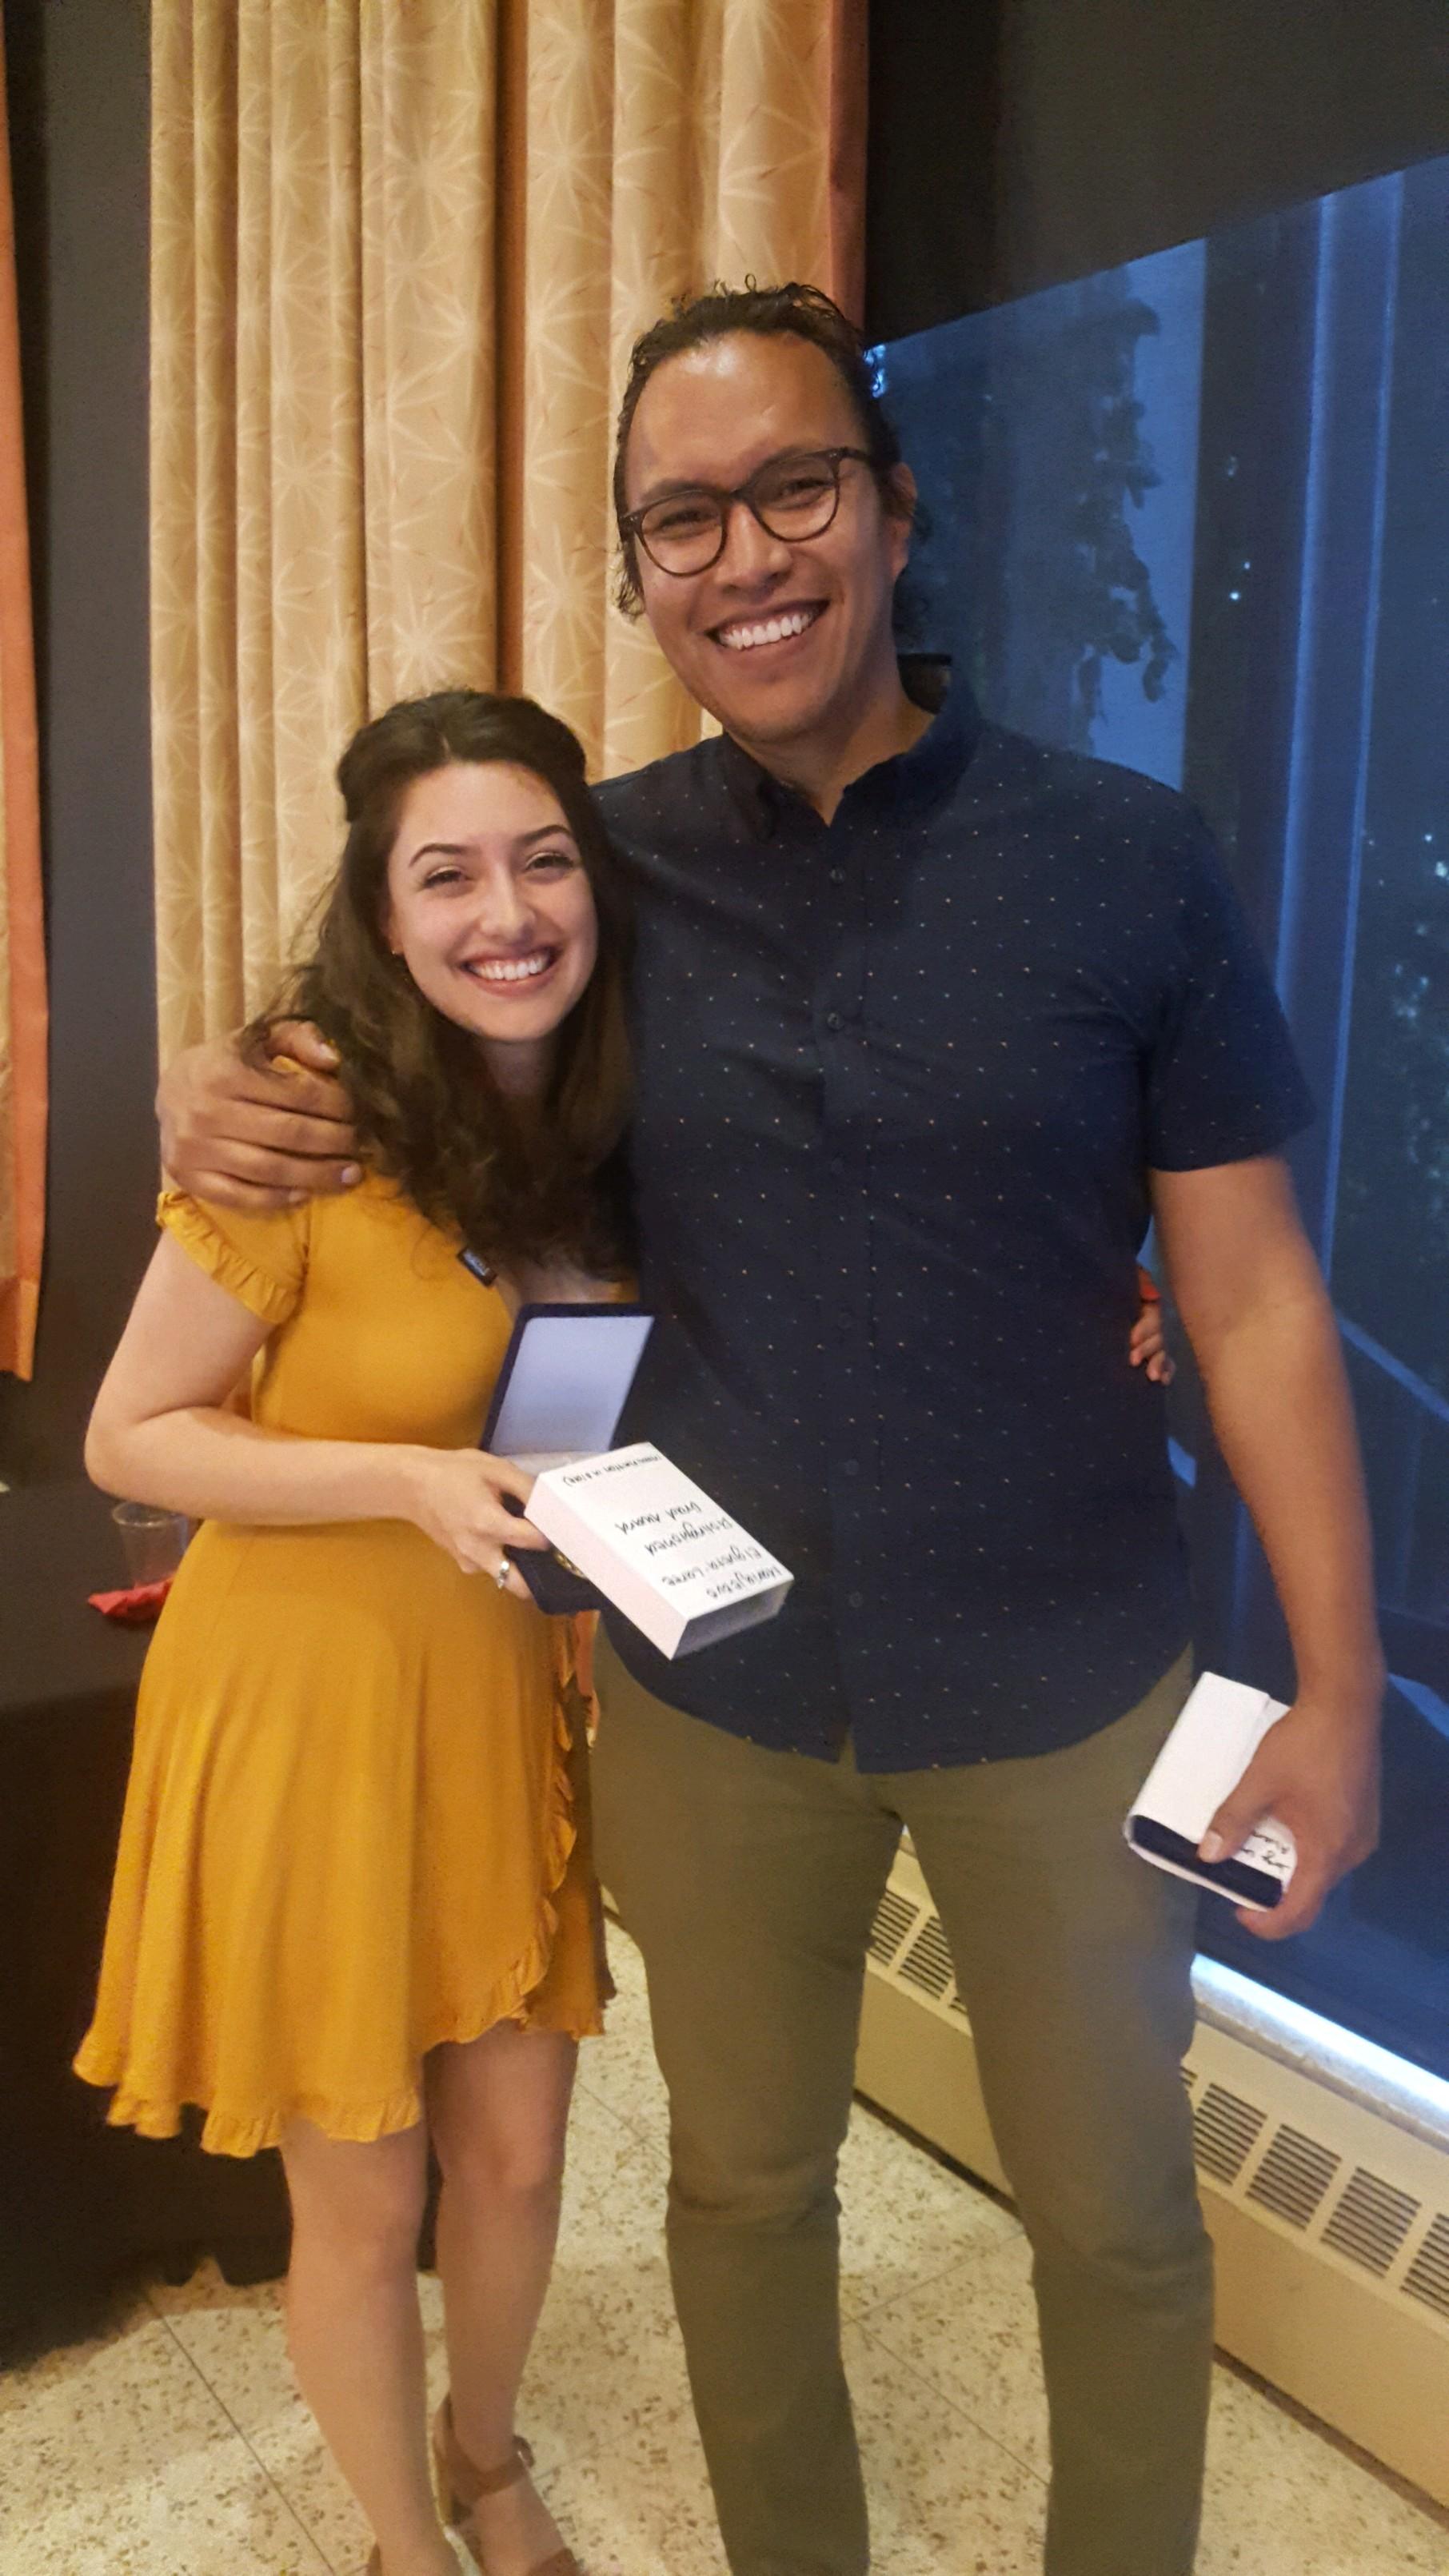 Mariajesus Elgueta and Jorge Lara Alvarado with their medallions/awards